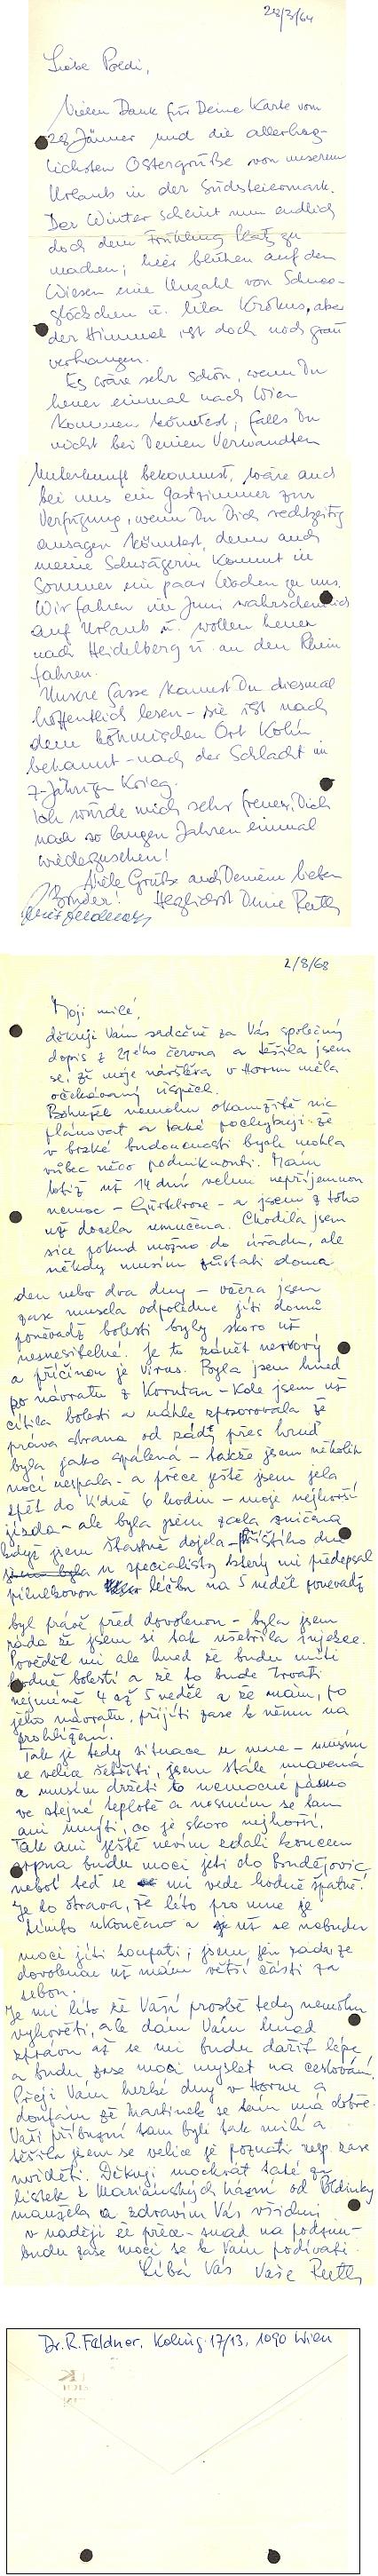 Dva její dopisy ze šedesátých let minulého století do Českých Budějovic i se zpáteční adresou na Kolínské ulici ve Vídni